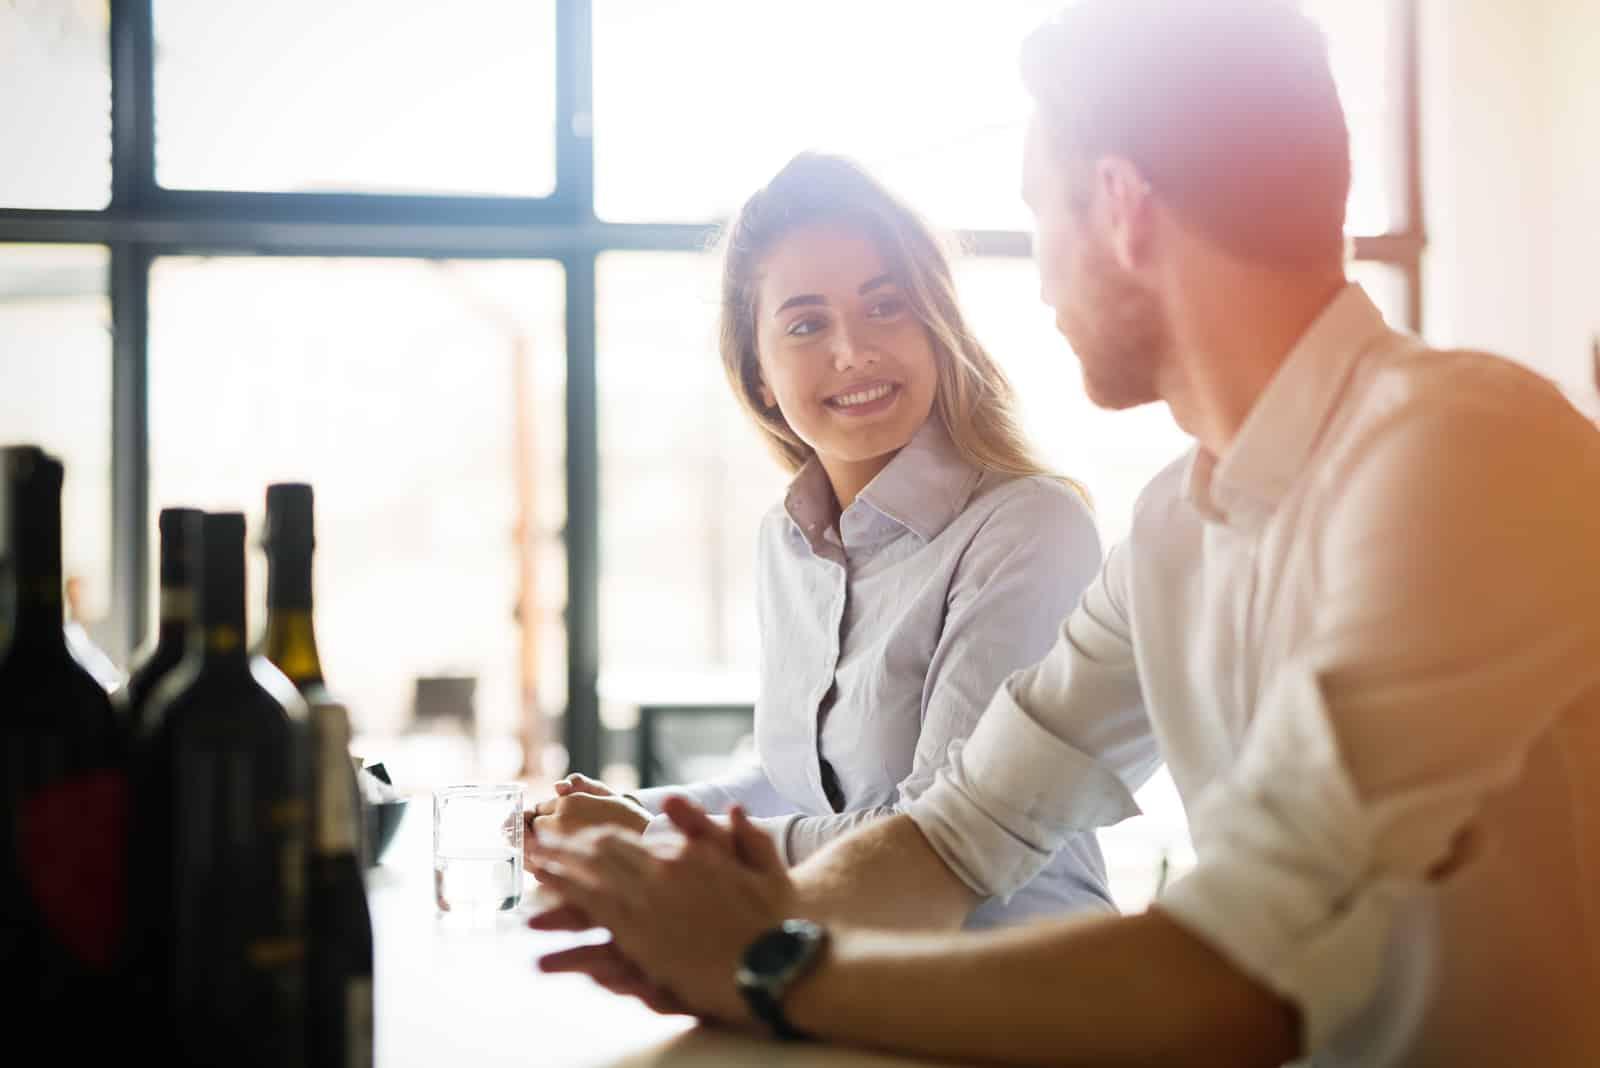 un homme et une femme se regardent pendant qu'ils parlent